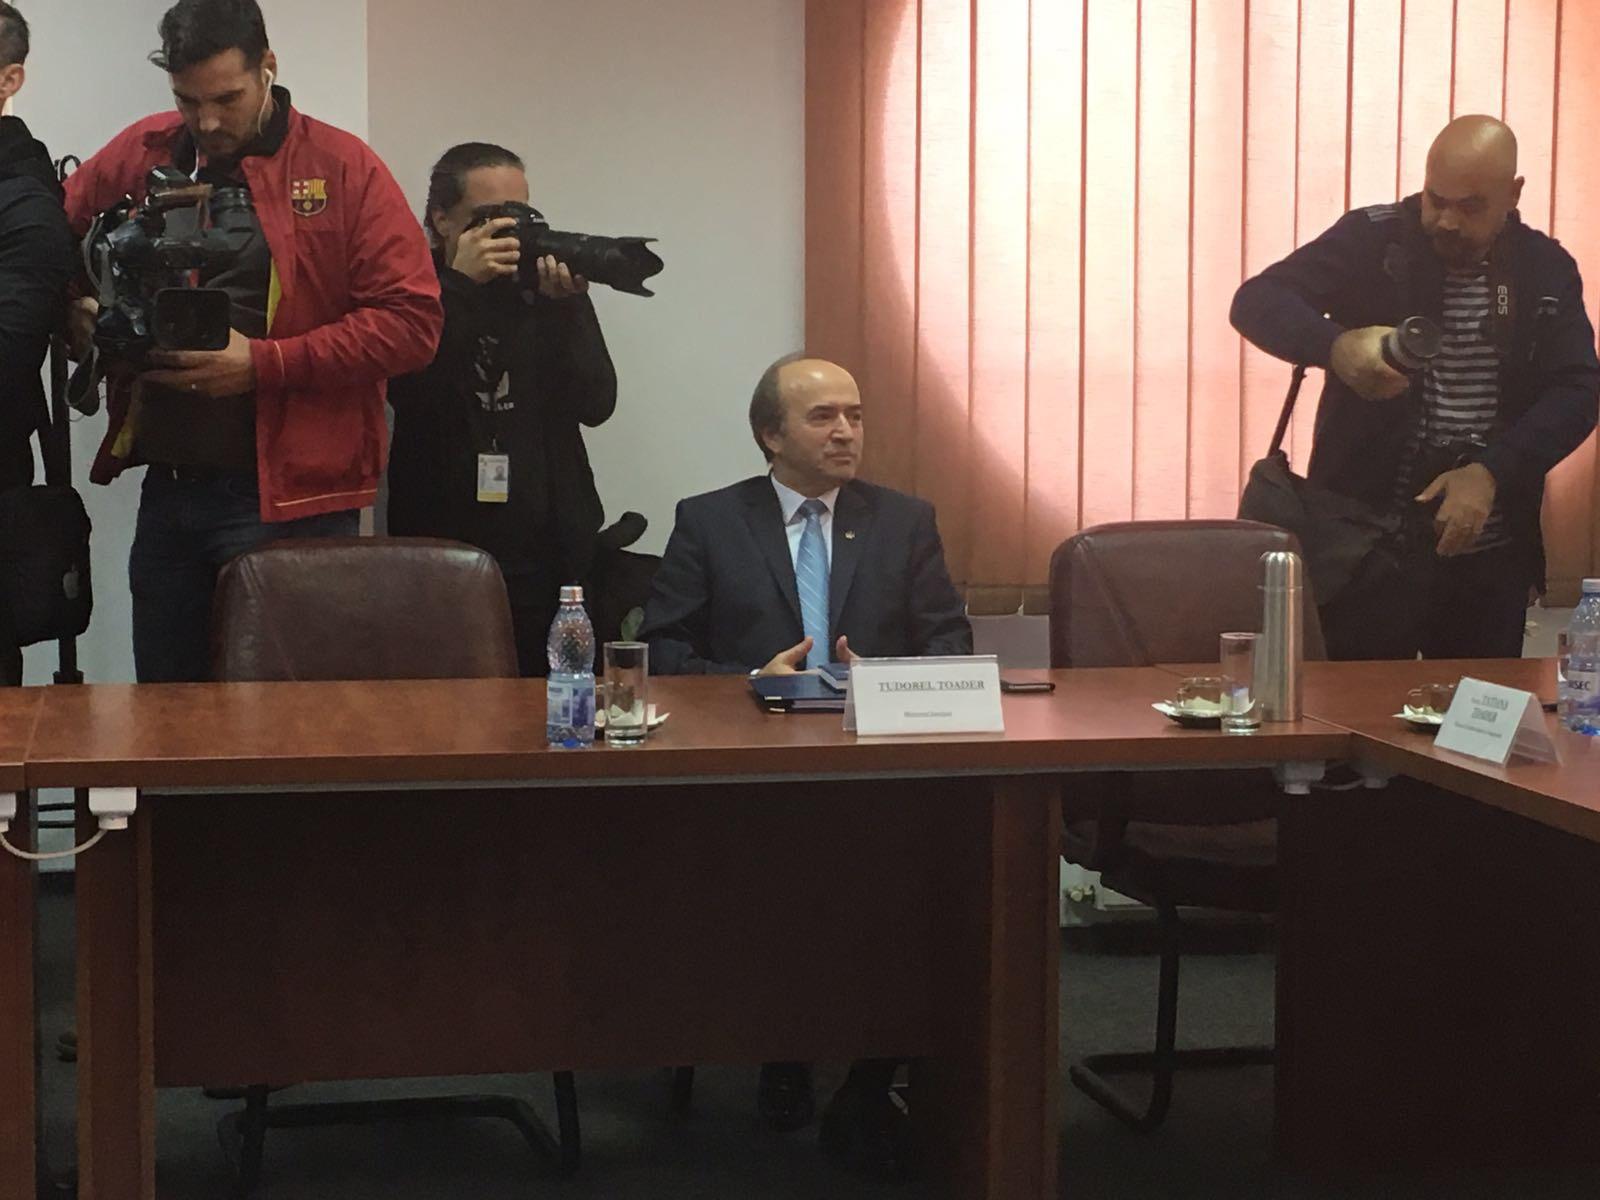 Ministrul justiţiei anunţă până la revelion dacă propune revocarea lui Kovesi/ Răspunsul lui Toader la scrisoarea în care i se cere sancţionarea disciplinară a procurorului şef al DNA